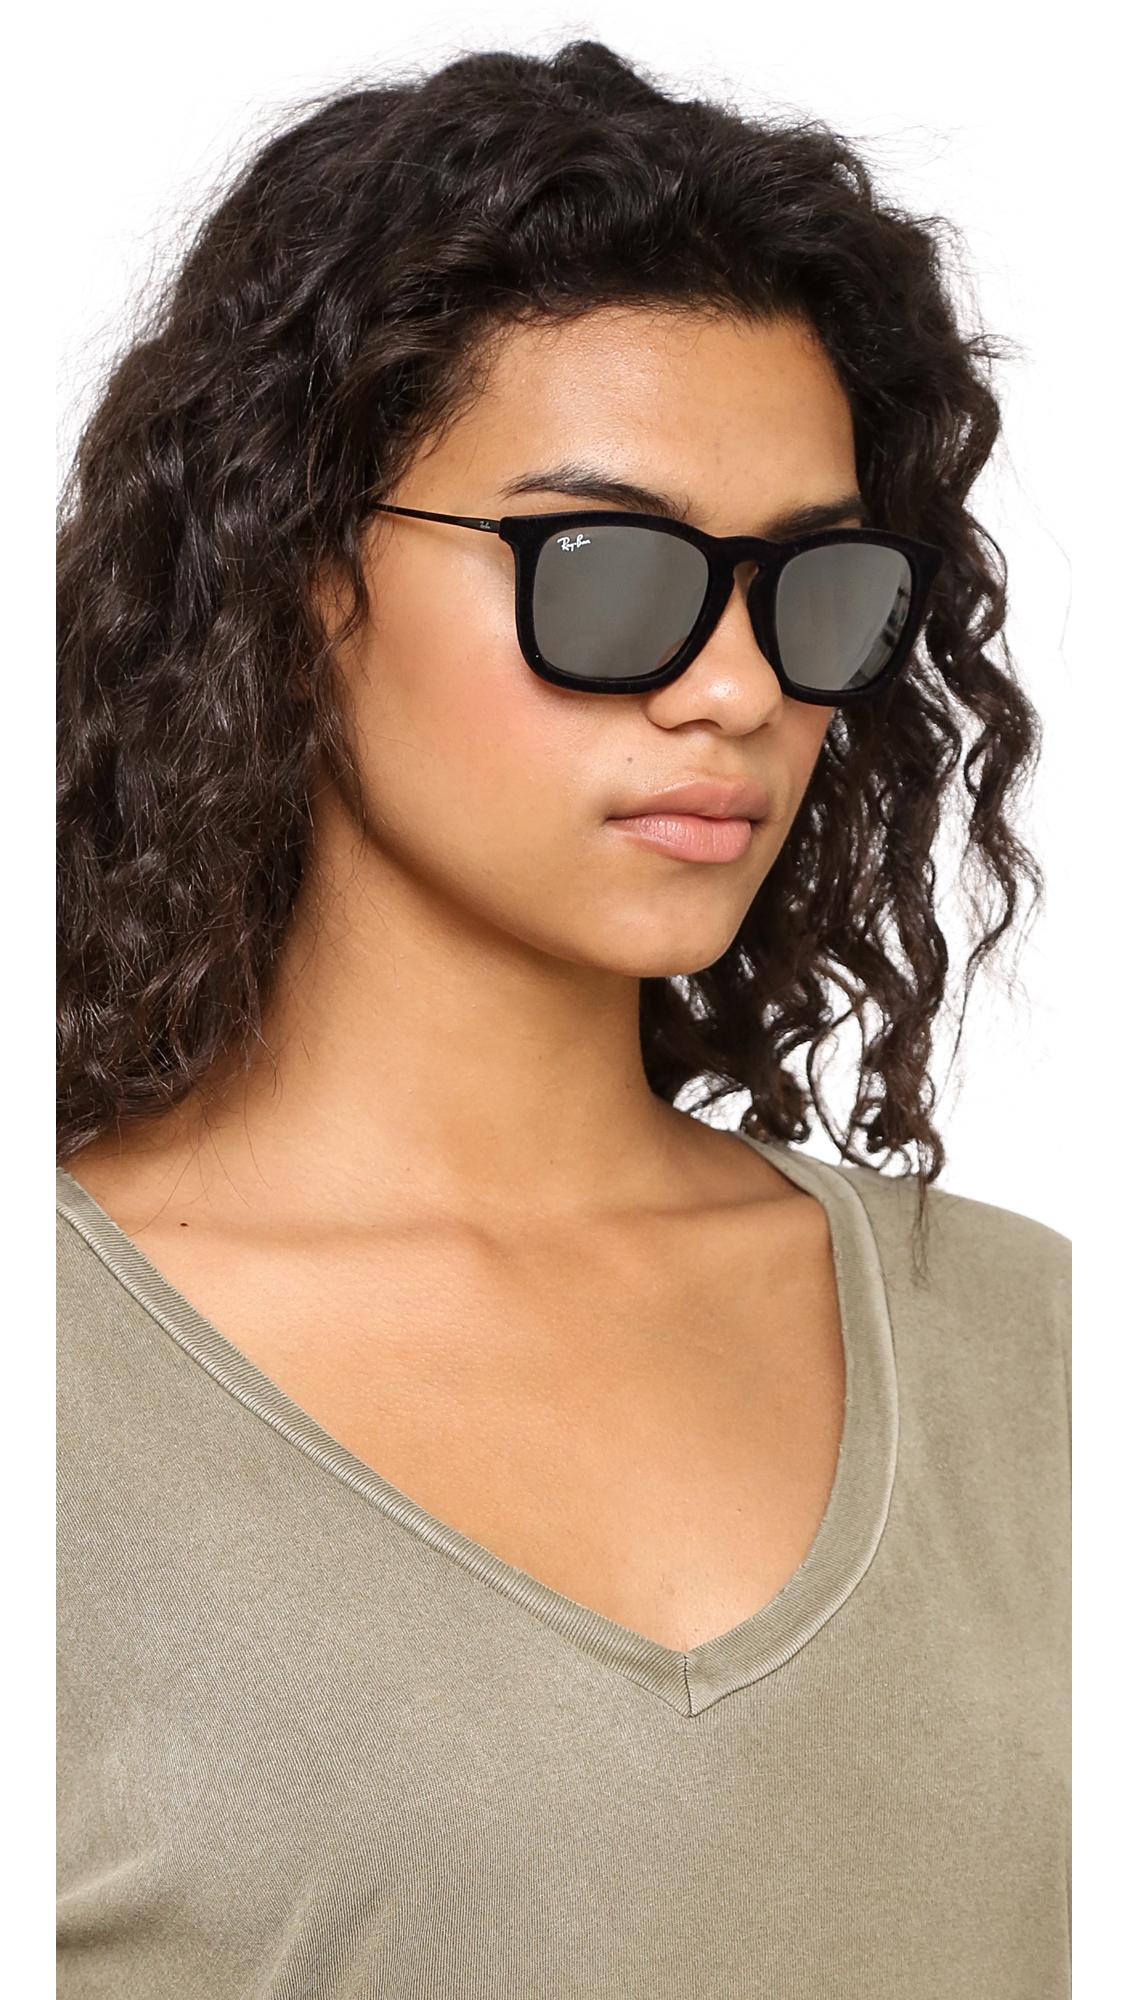 sunglasses reviews  ray bans sunglasses reviews